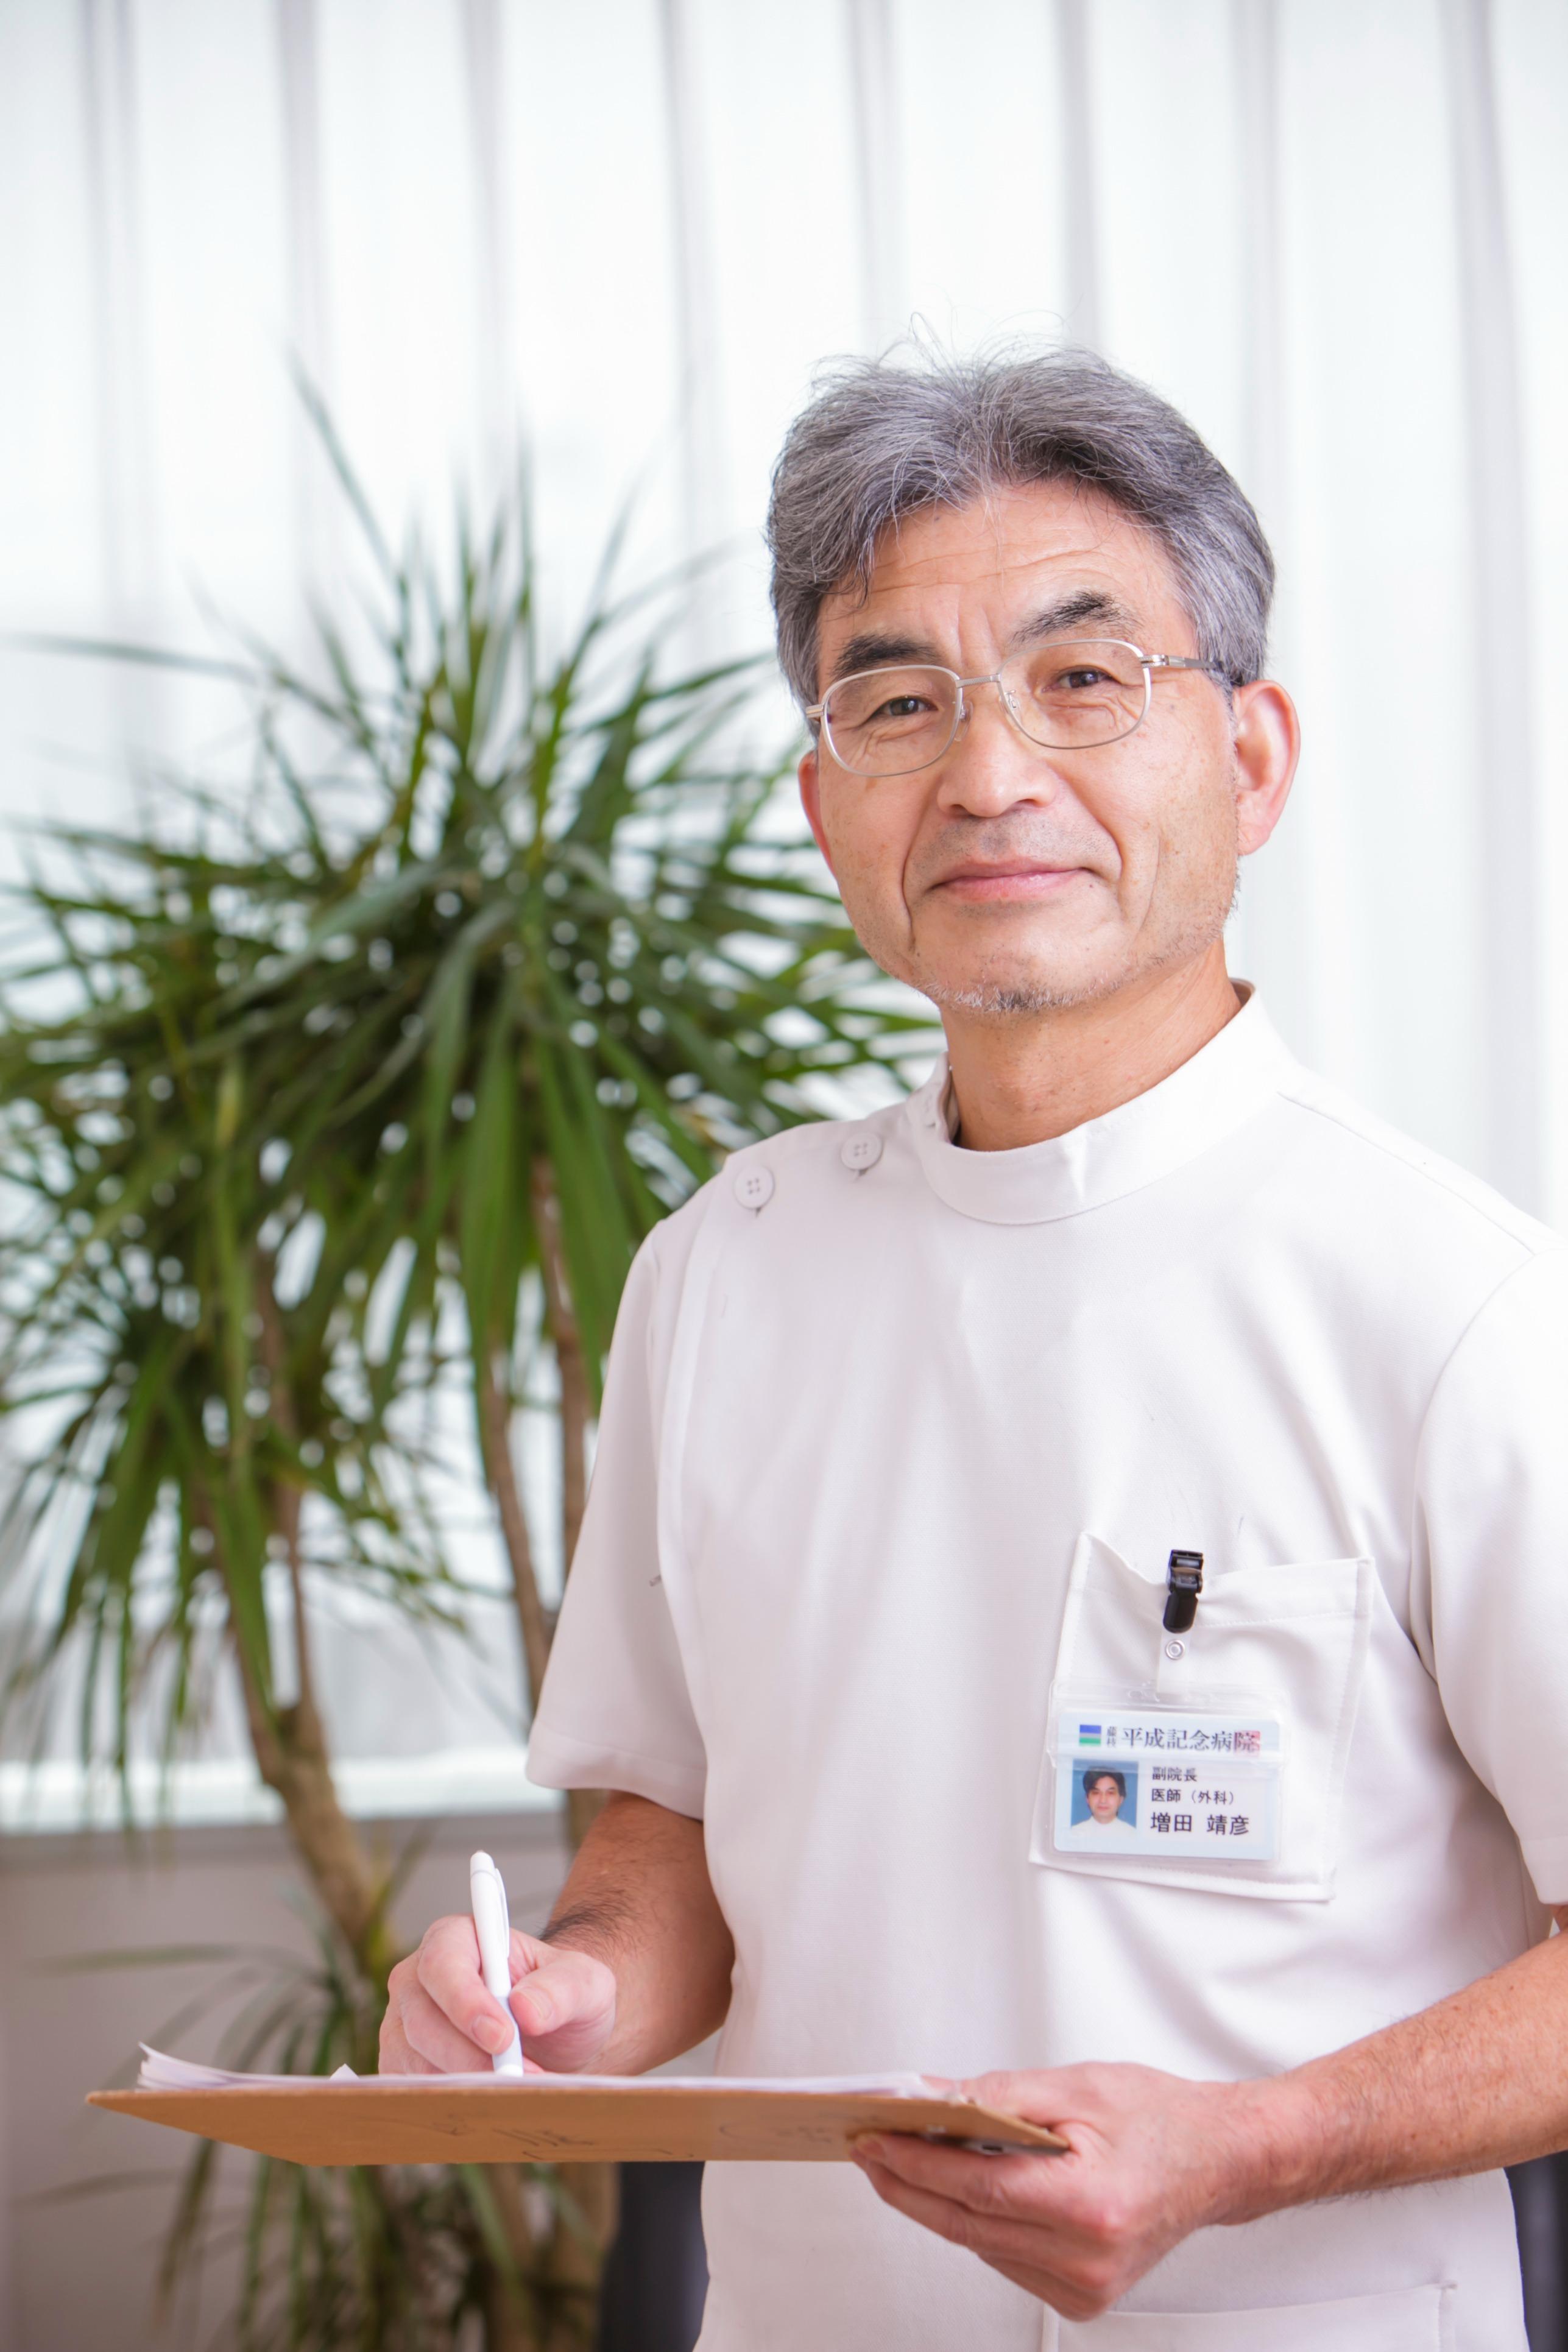 副院長 外科・消化器外科 部長 増田 靖彦